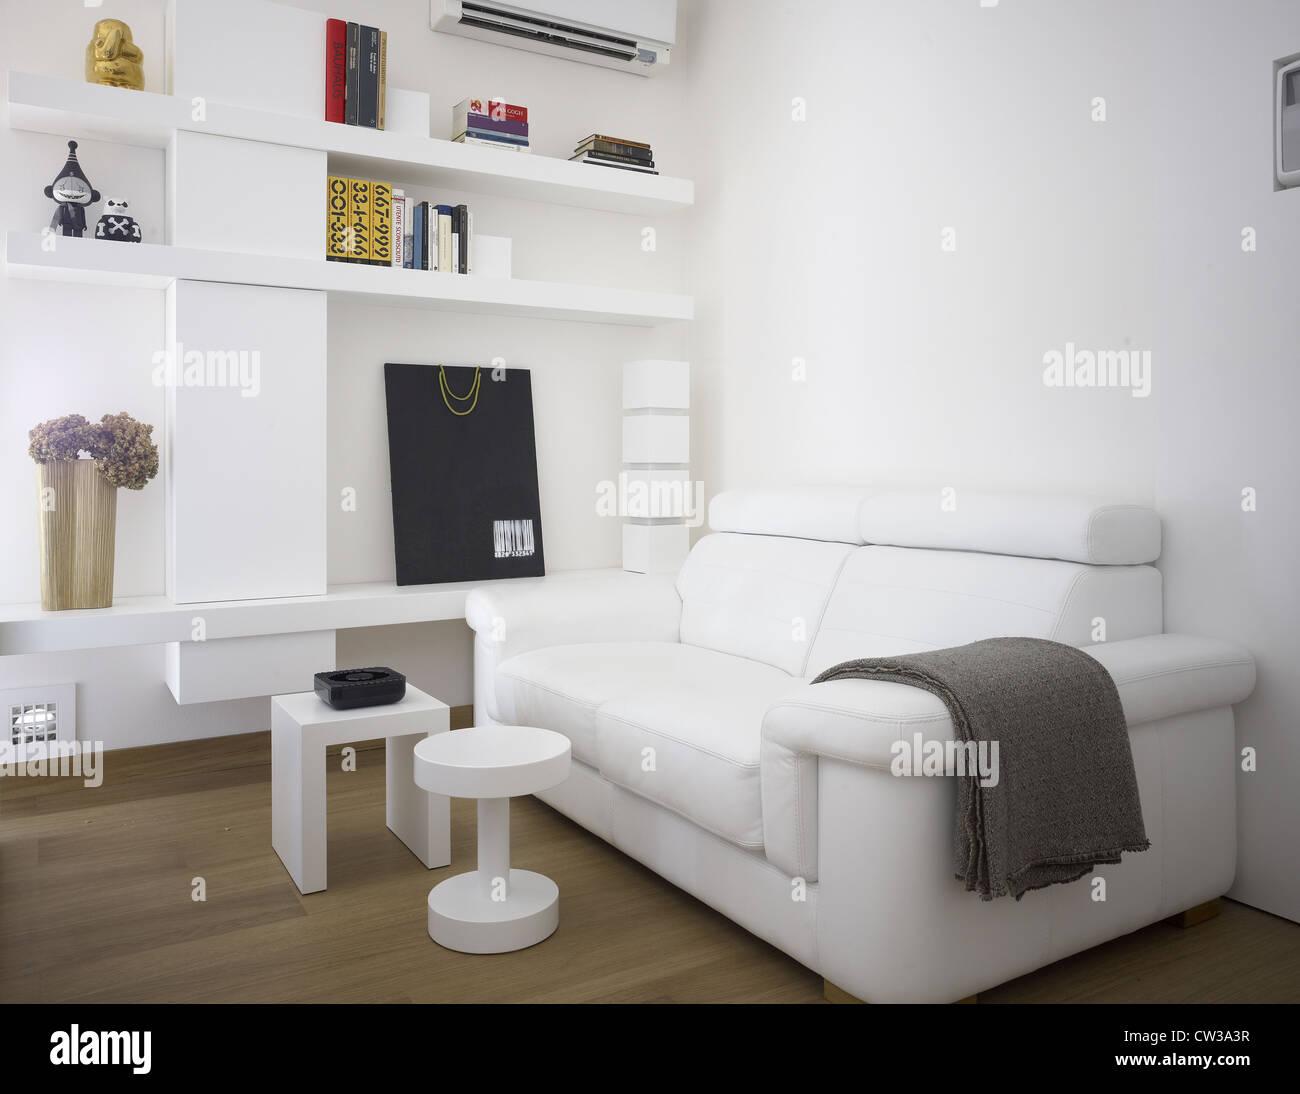 Zeitgenössische Wohnzimmer in einer italienischen Wohnung Stockfoto ...